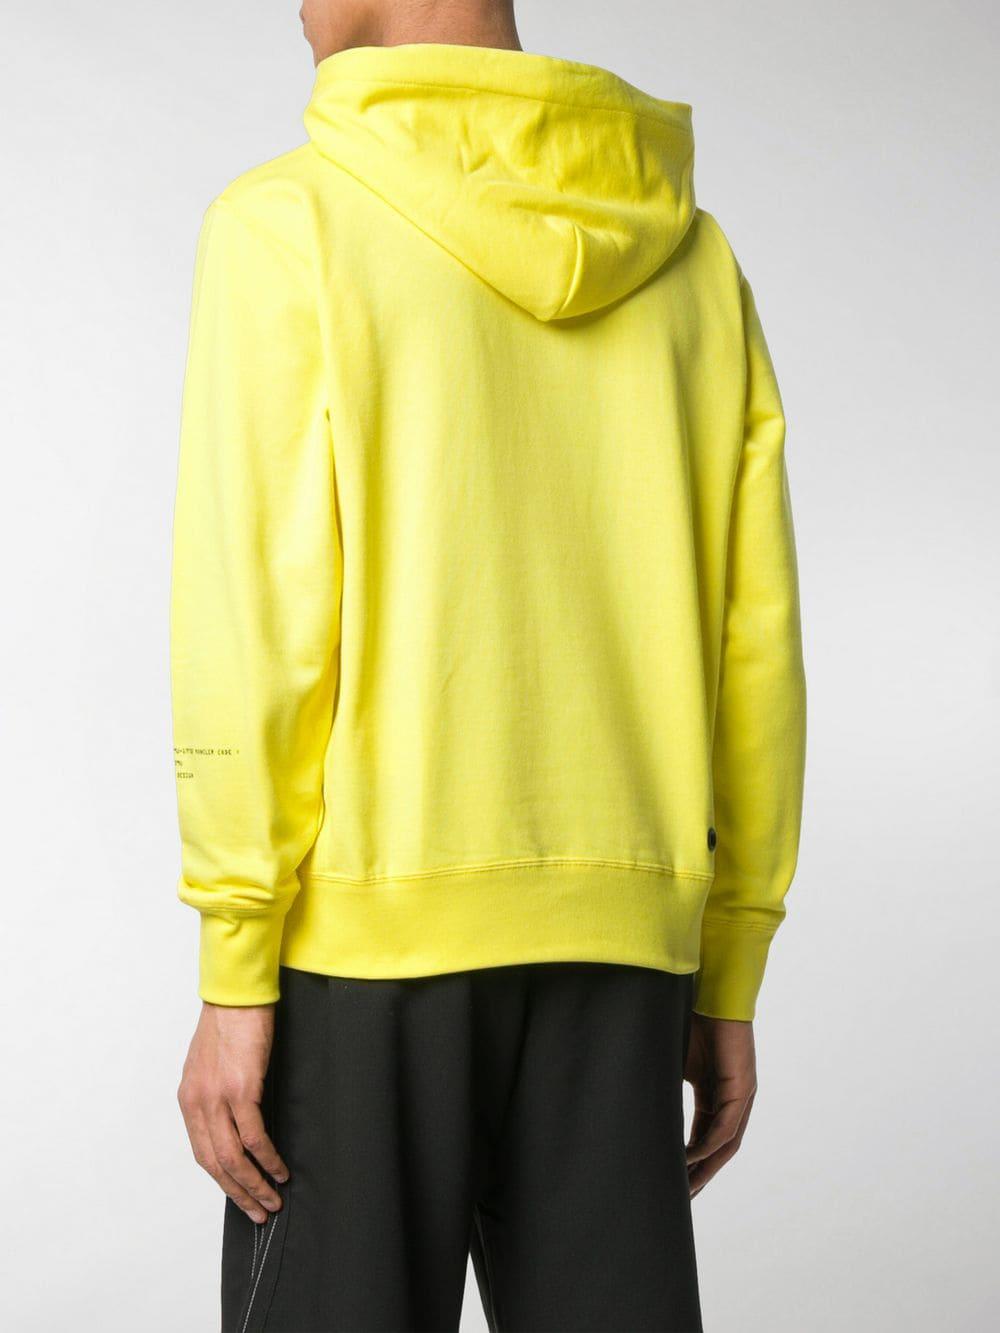 Yellow Moncler Genius x Fragment Design hoodie MONCLER GENIUS      80037-50-809DW114